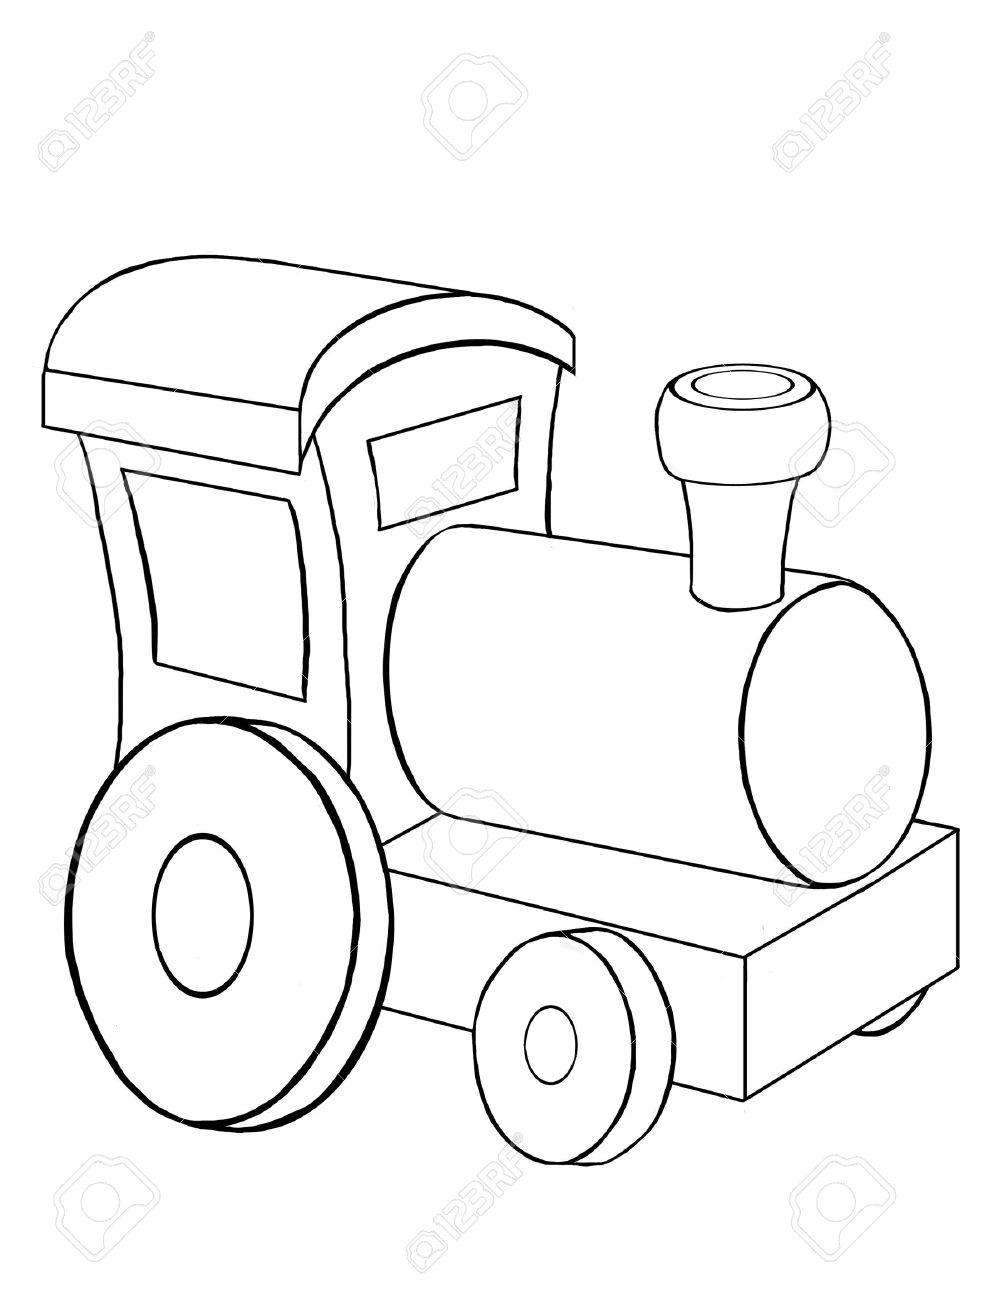 Contour Dibujo Del Pequeño Tren De Juguete Fotos, Retratos, Imágenes ...